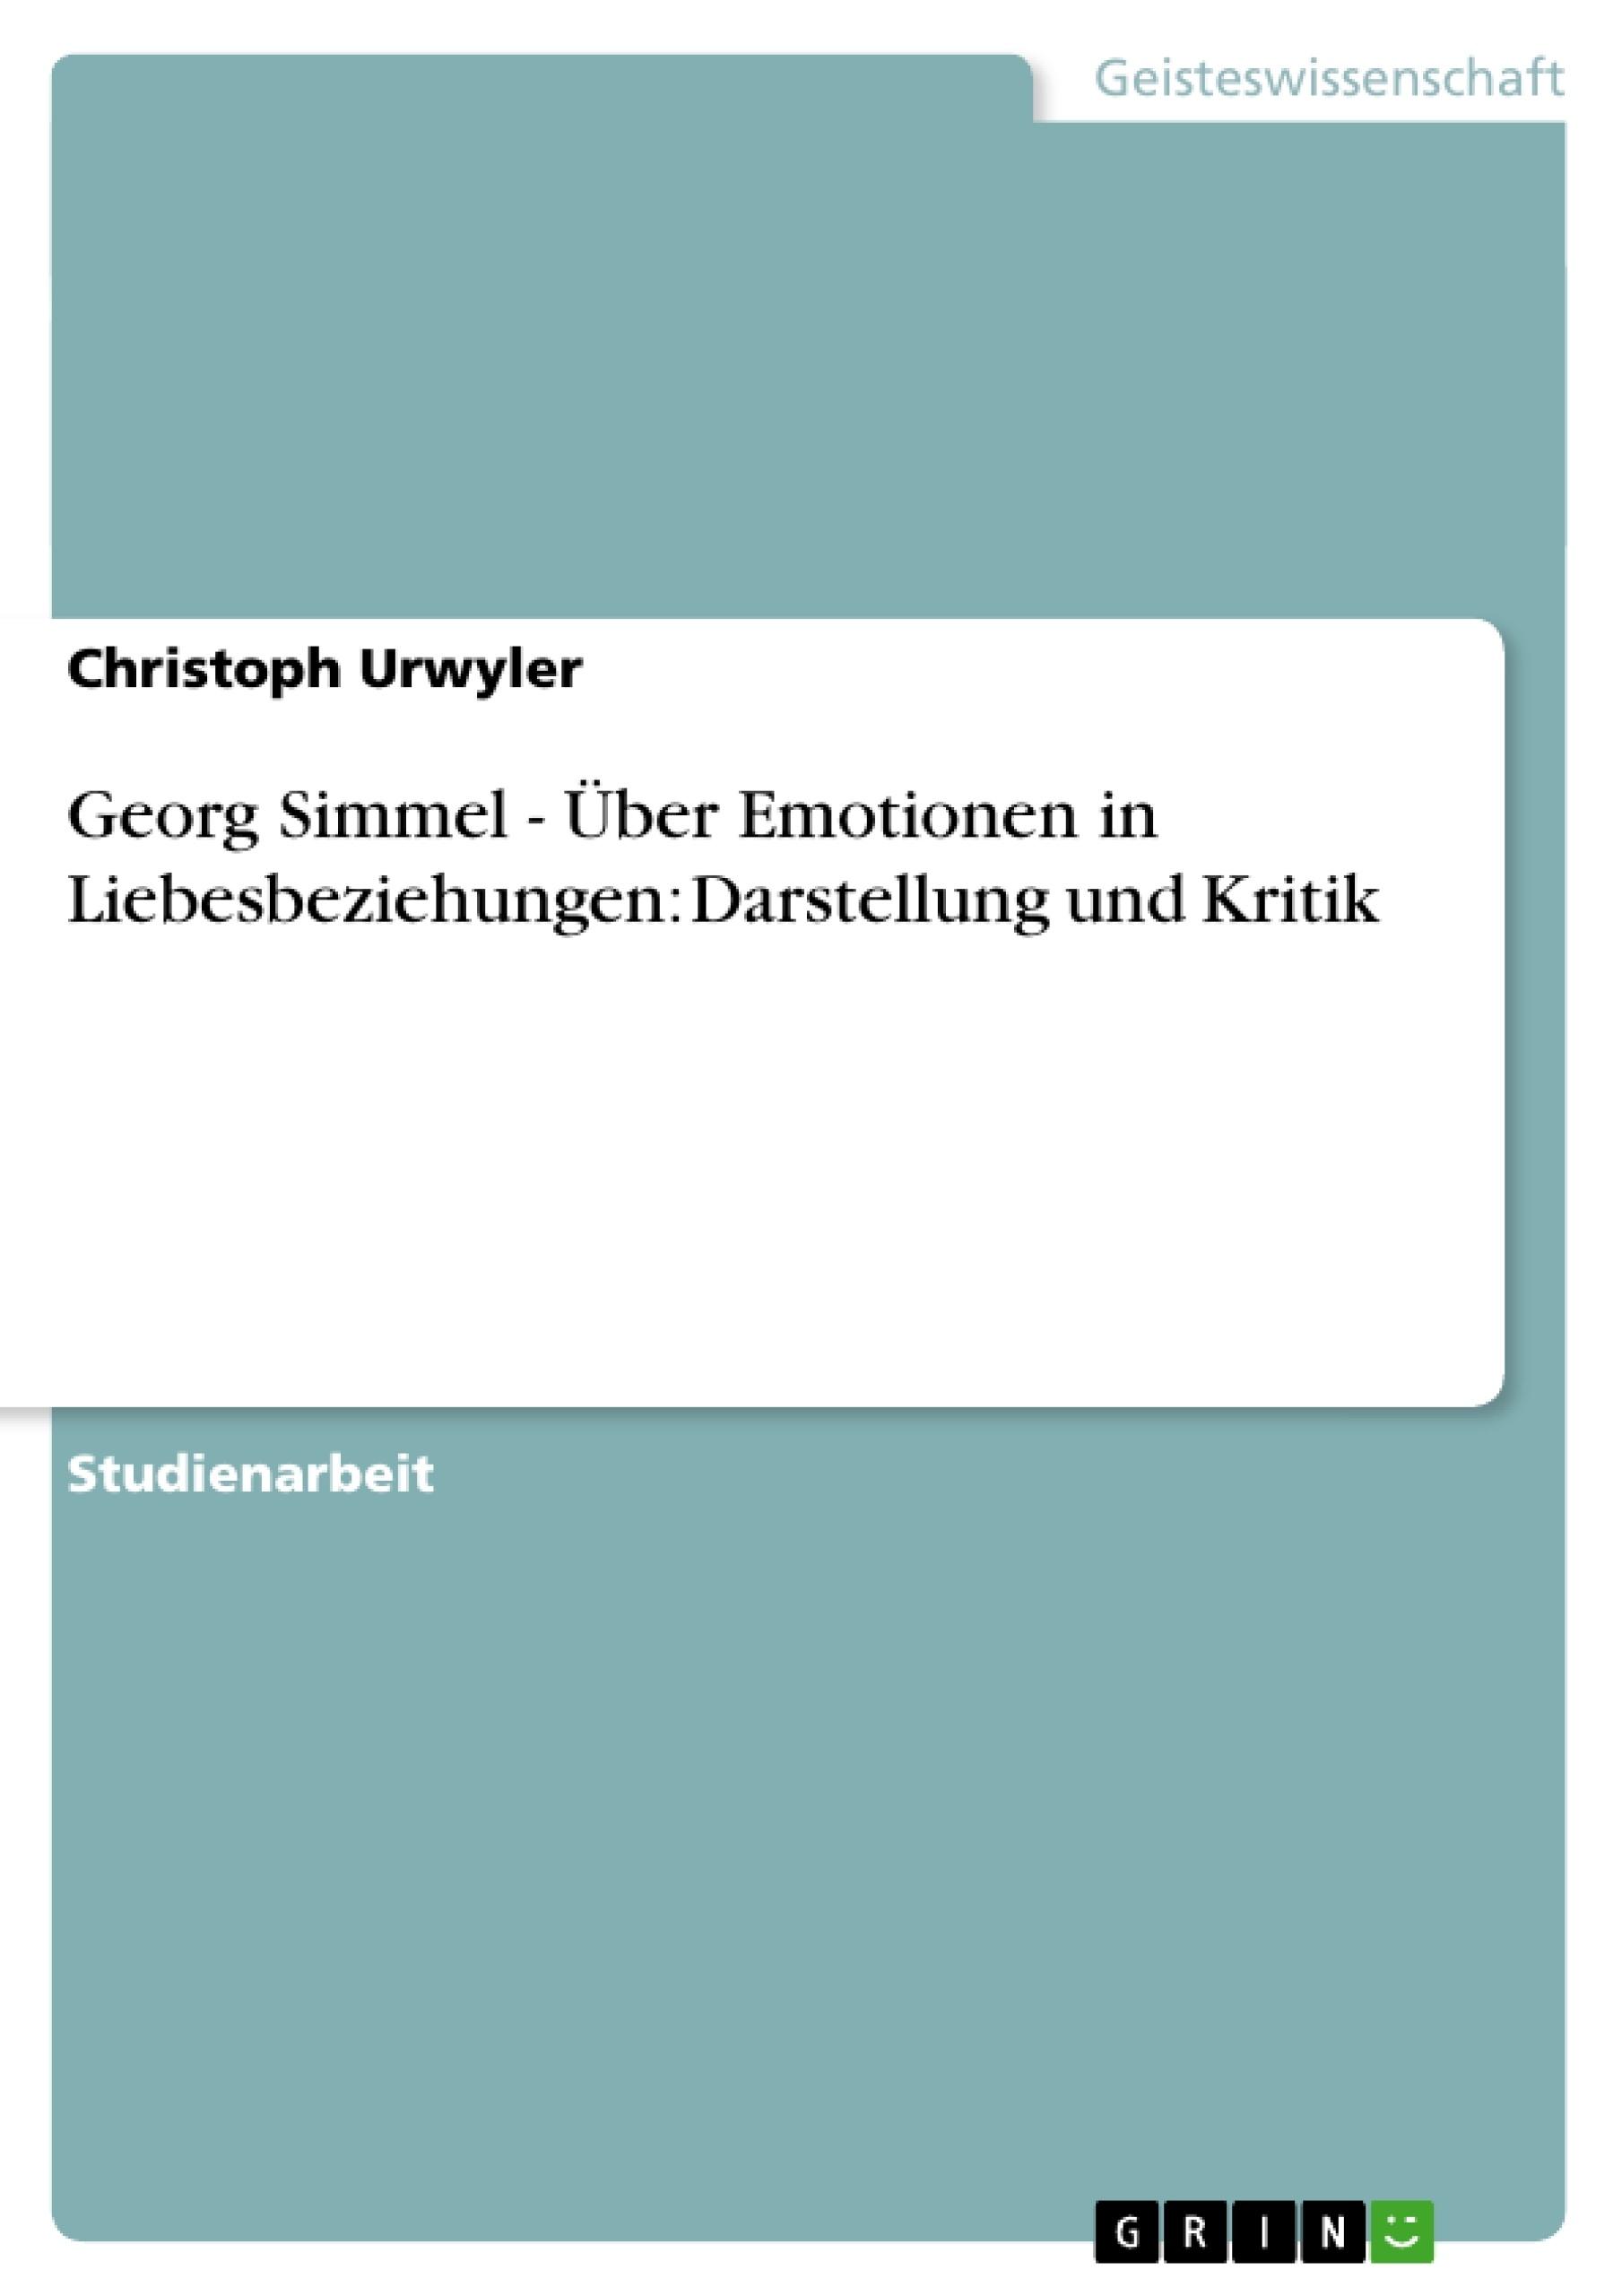 Titel: Georg Simmel - Über Emotionen in Liebesbeziehungen: Darstellung und Kritik